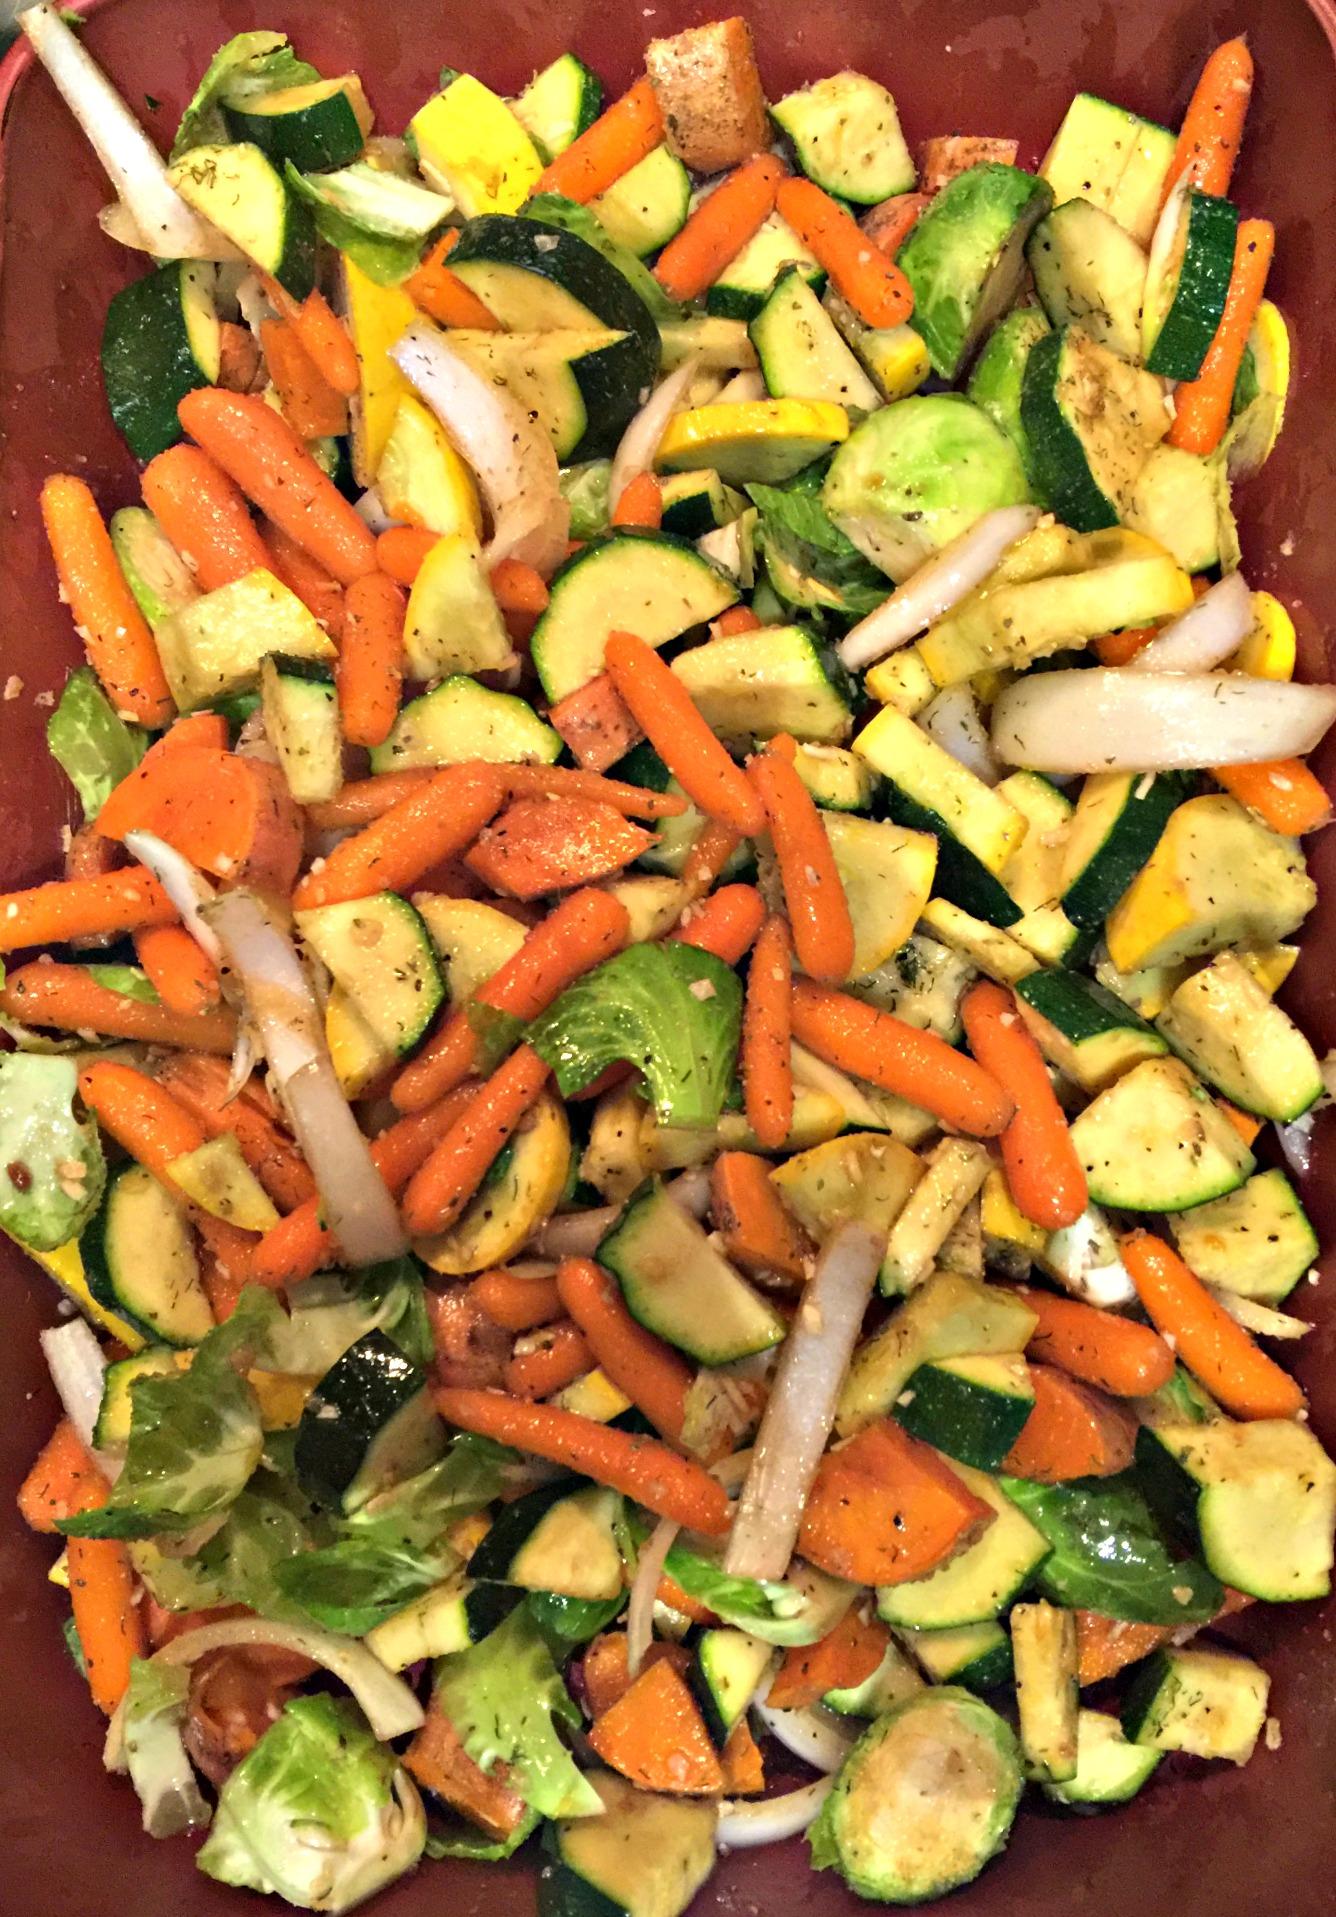 Dinner: Roasted Vegetables